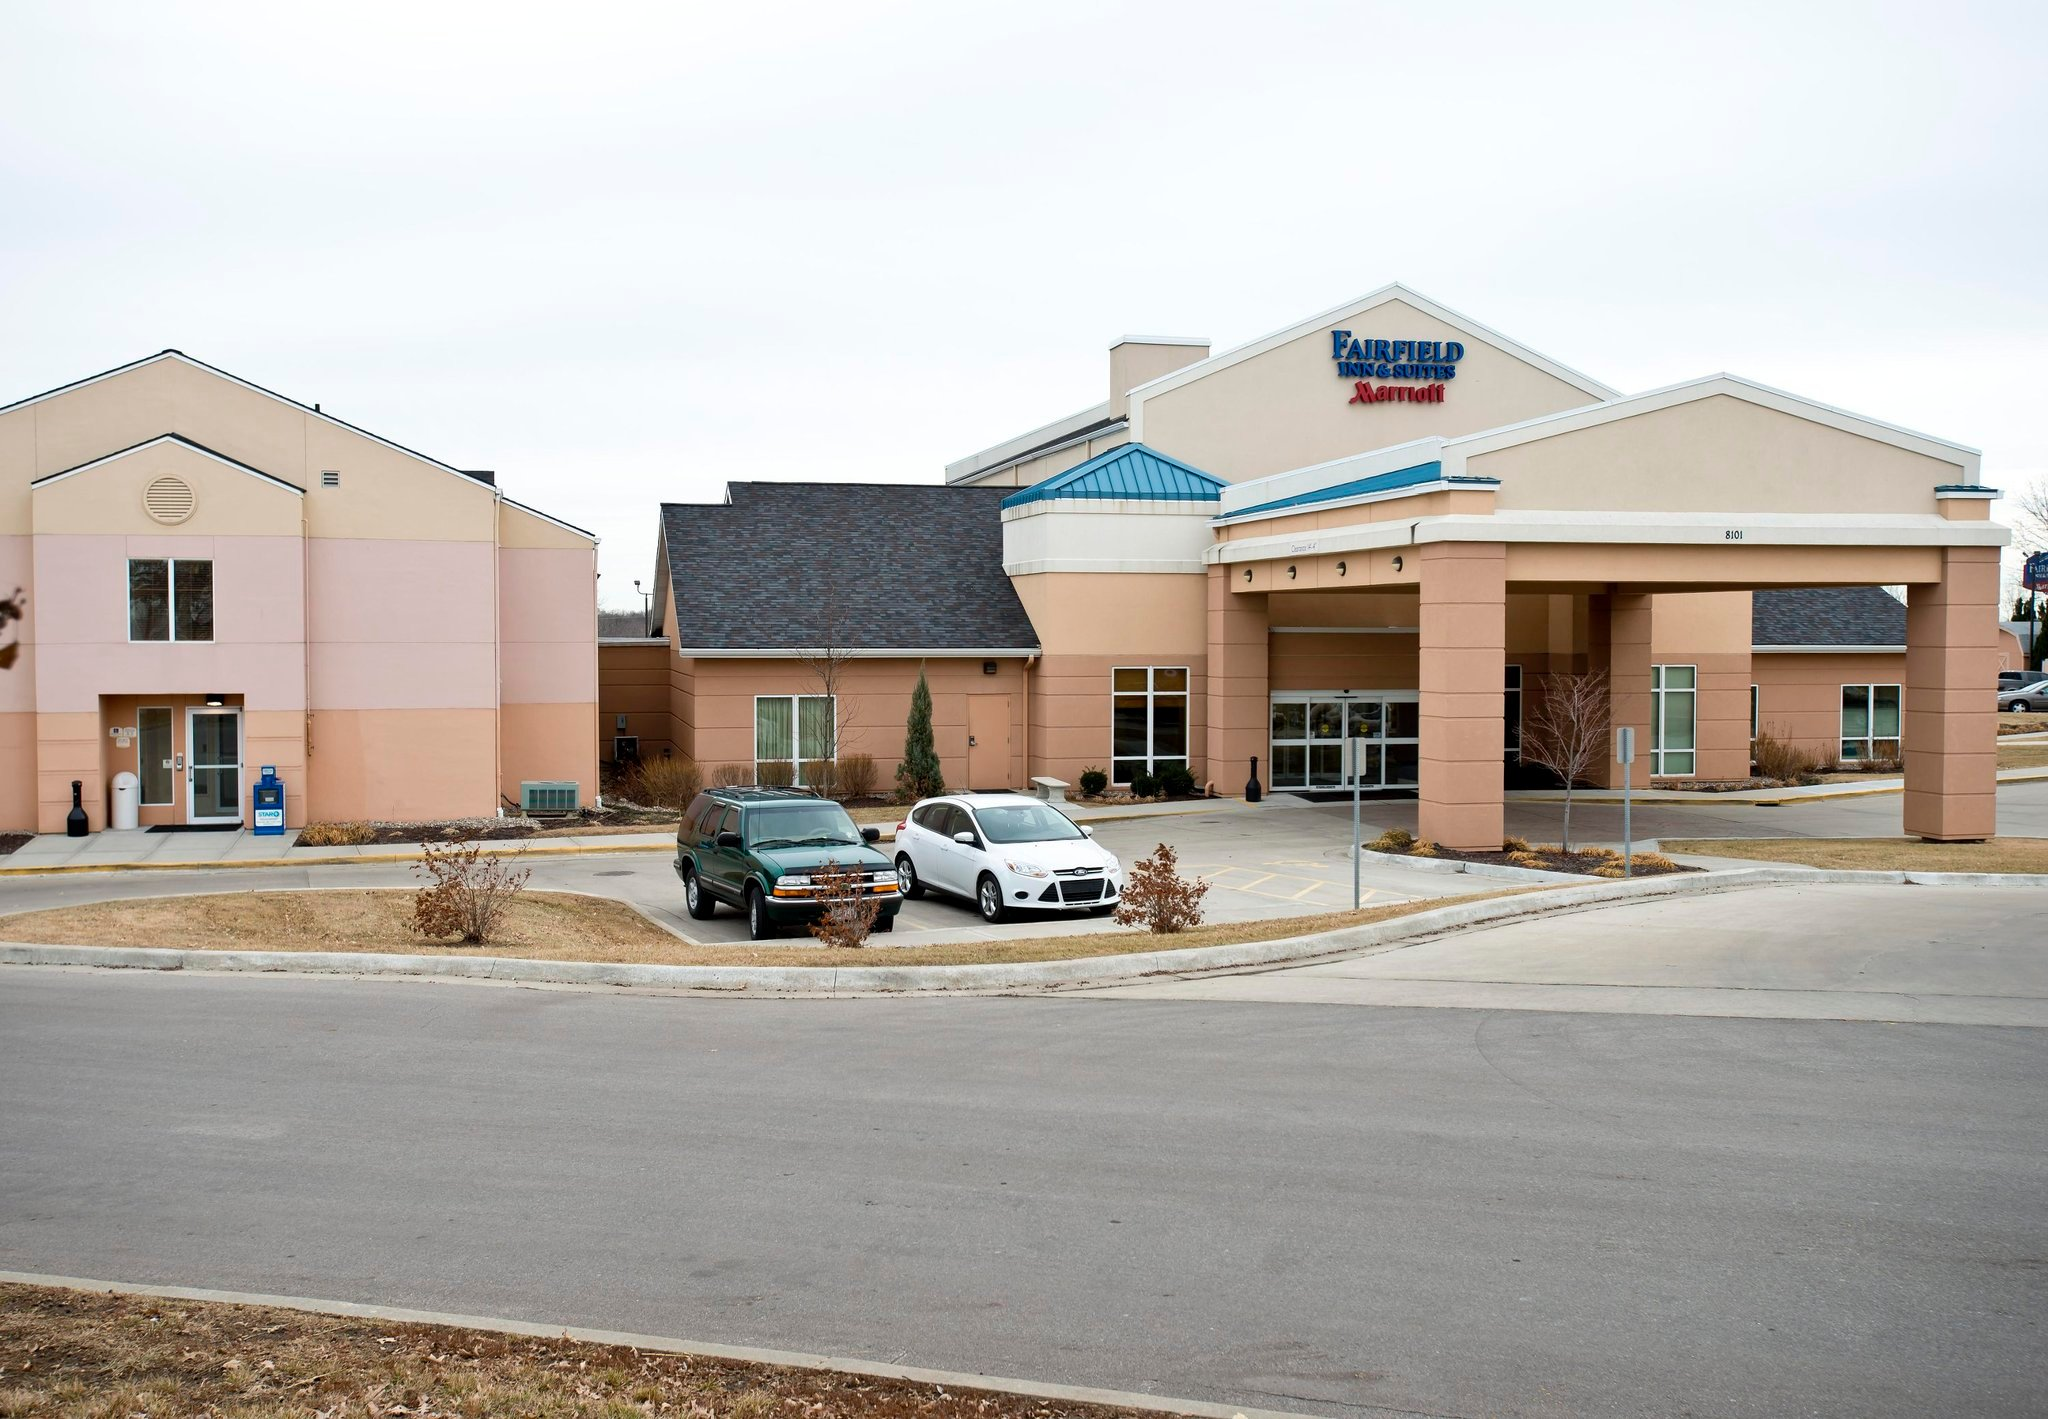 Fairfield Inn & Suites Kansas City Liberty